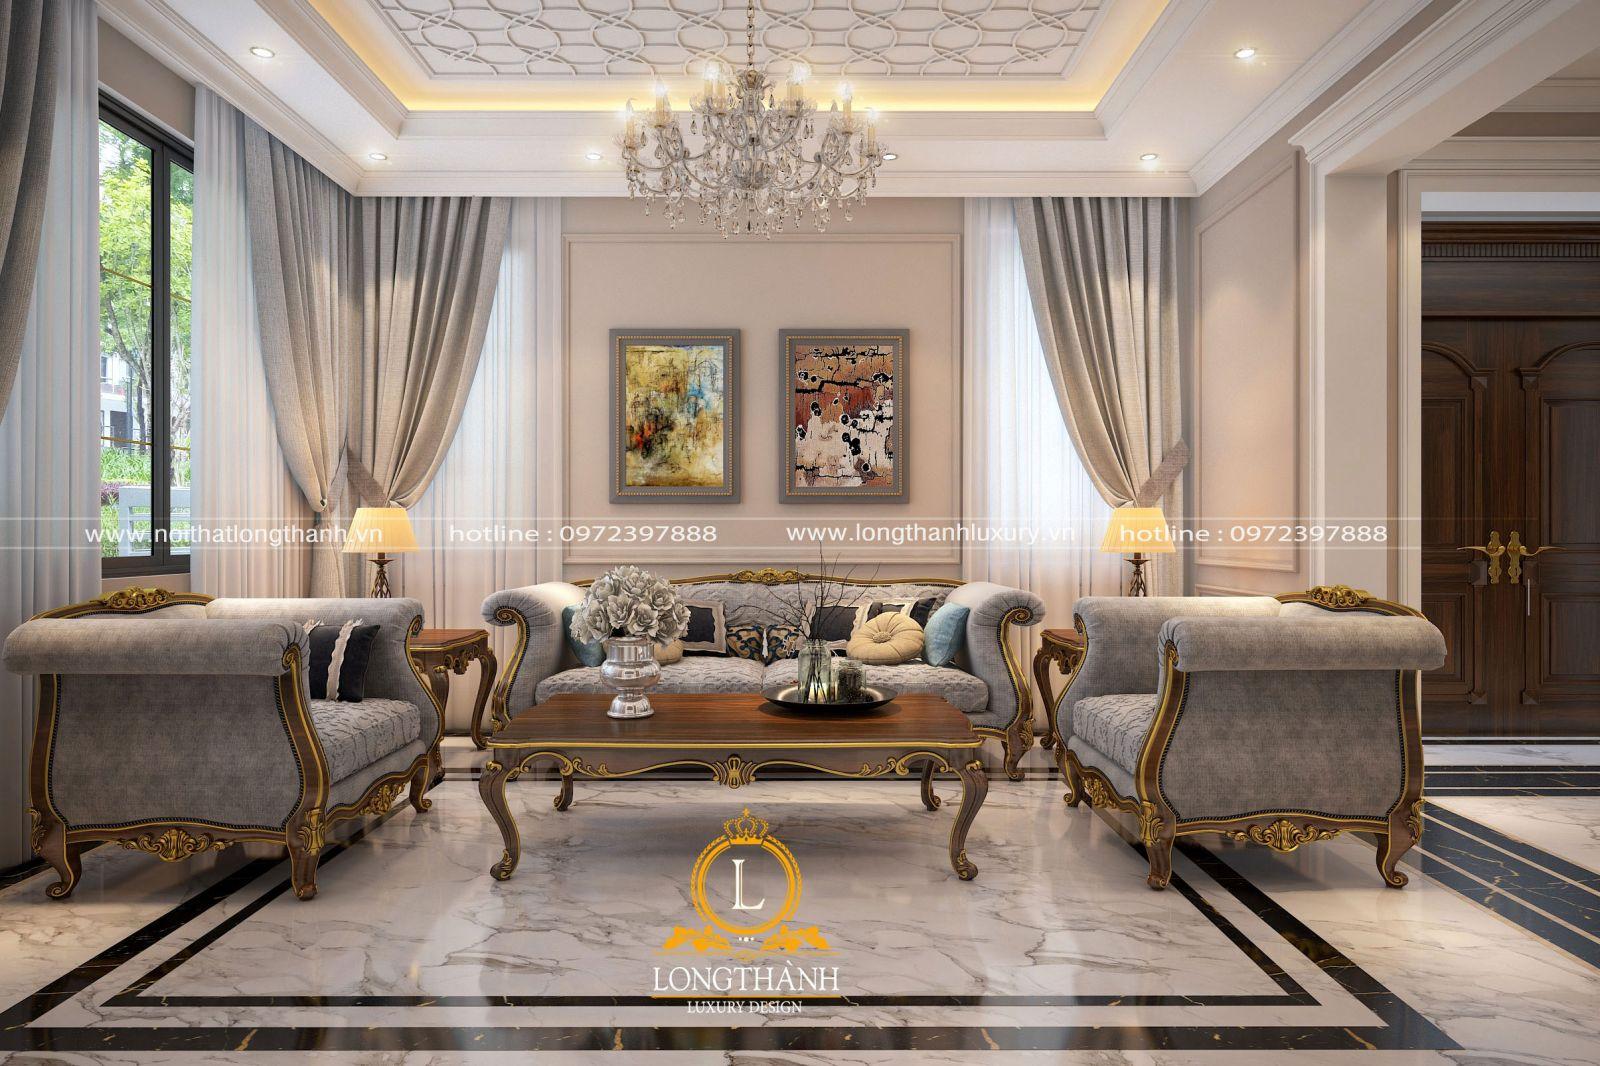 Hệ trần phòng khách được thiết kế độc đáo phù hợp với sự trẻ trung cùng đồ nội thất trong phòng